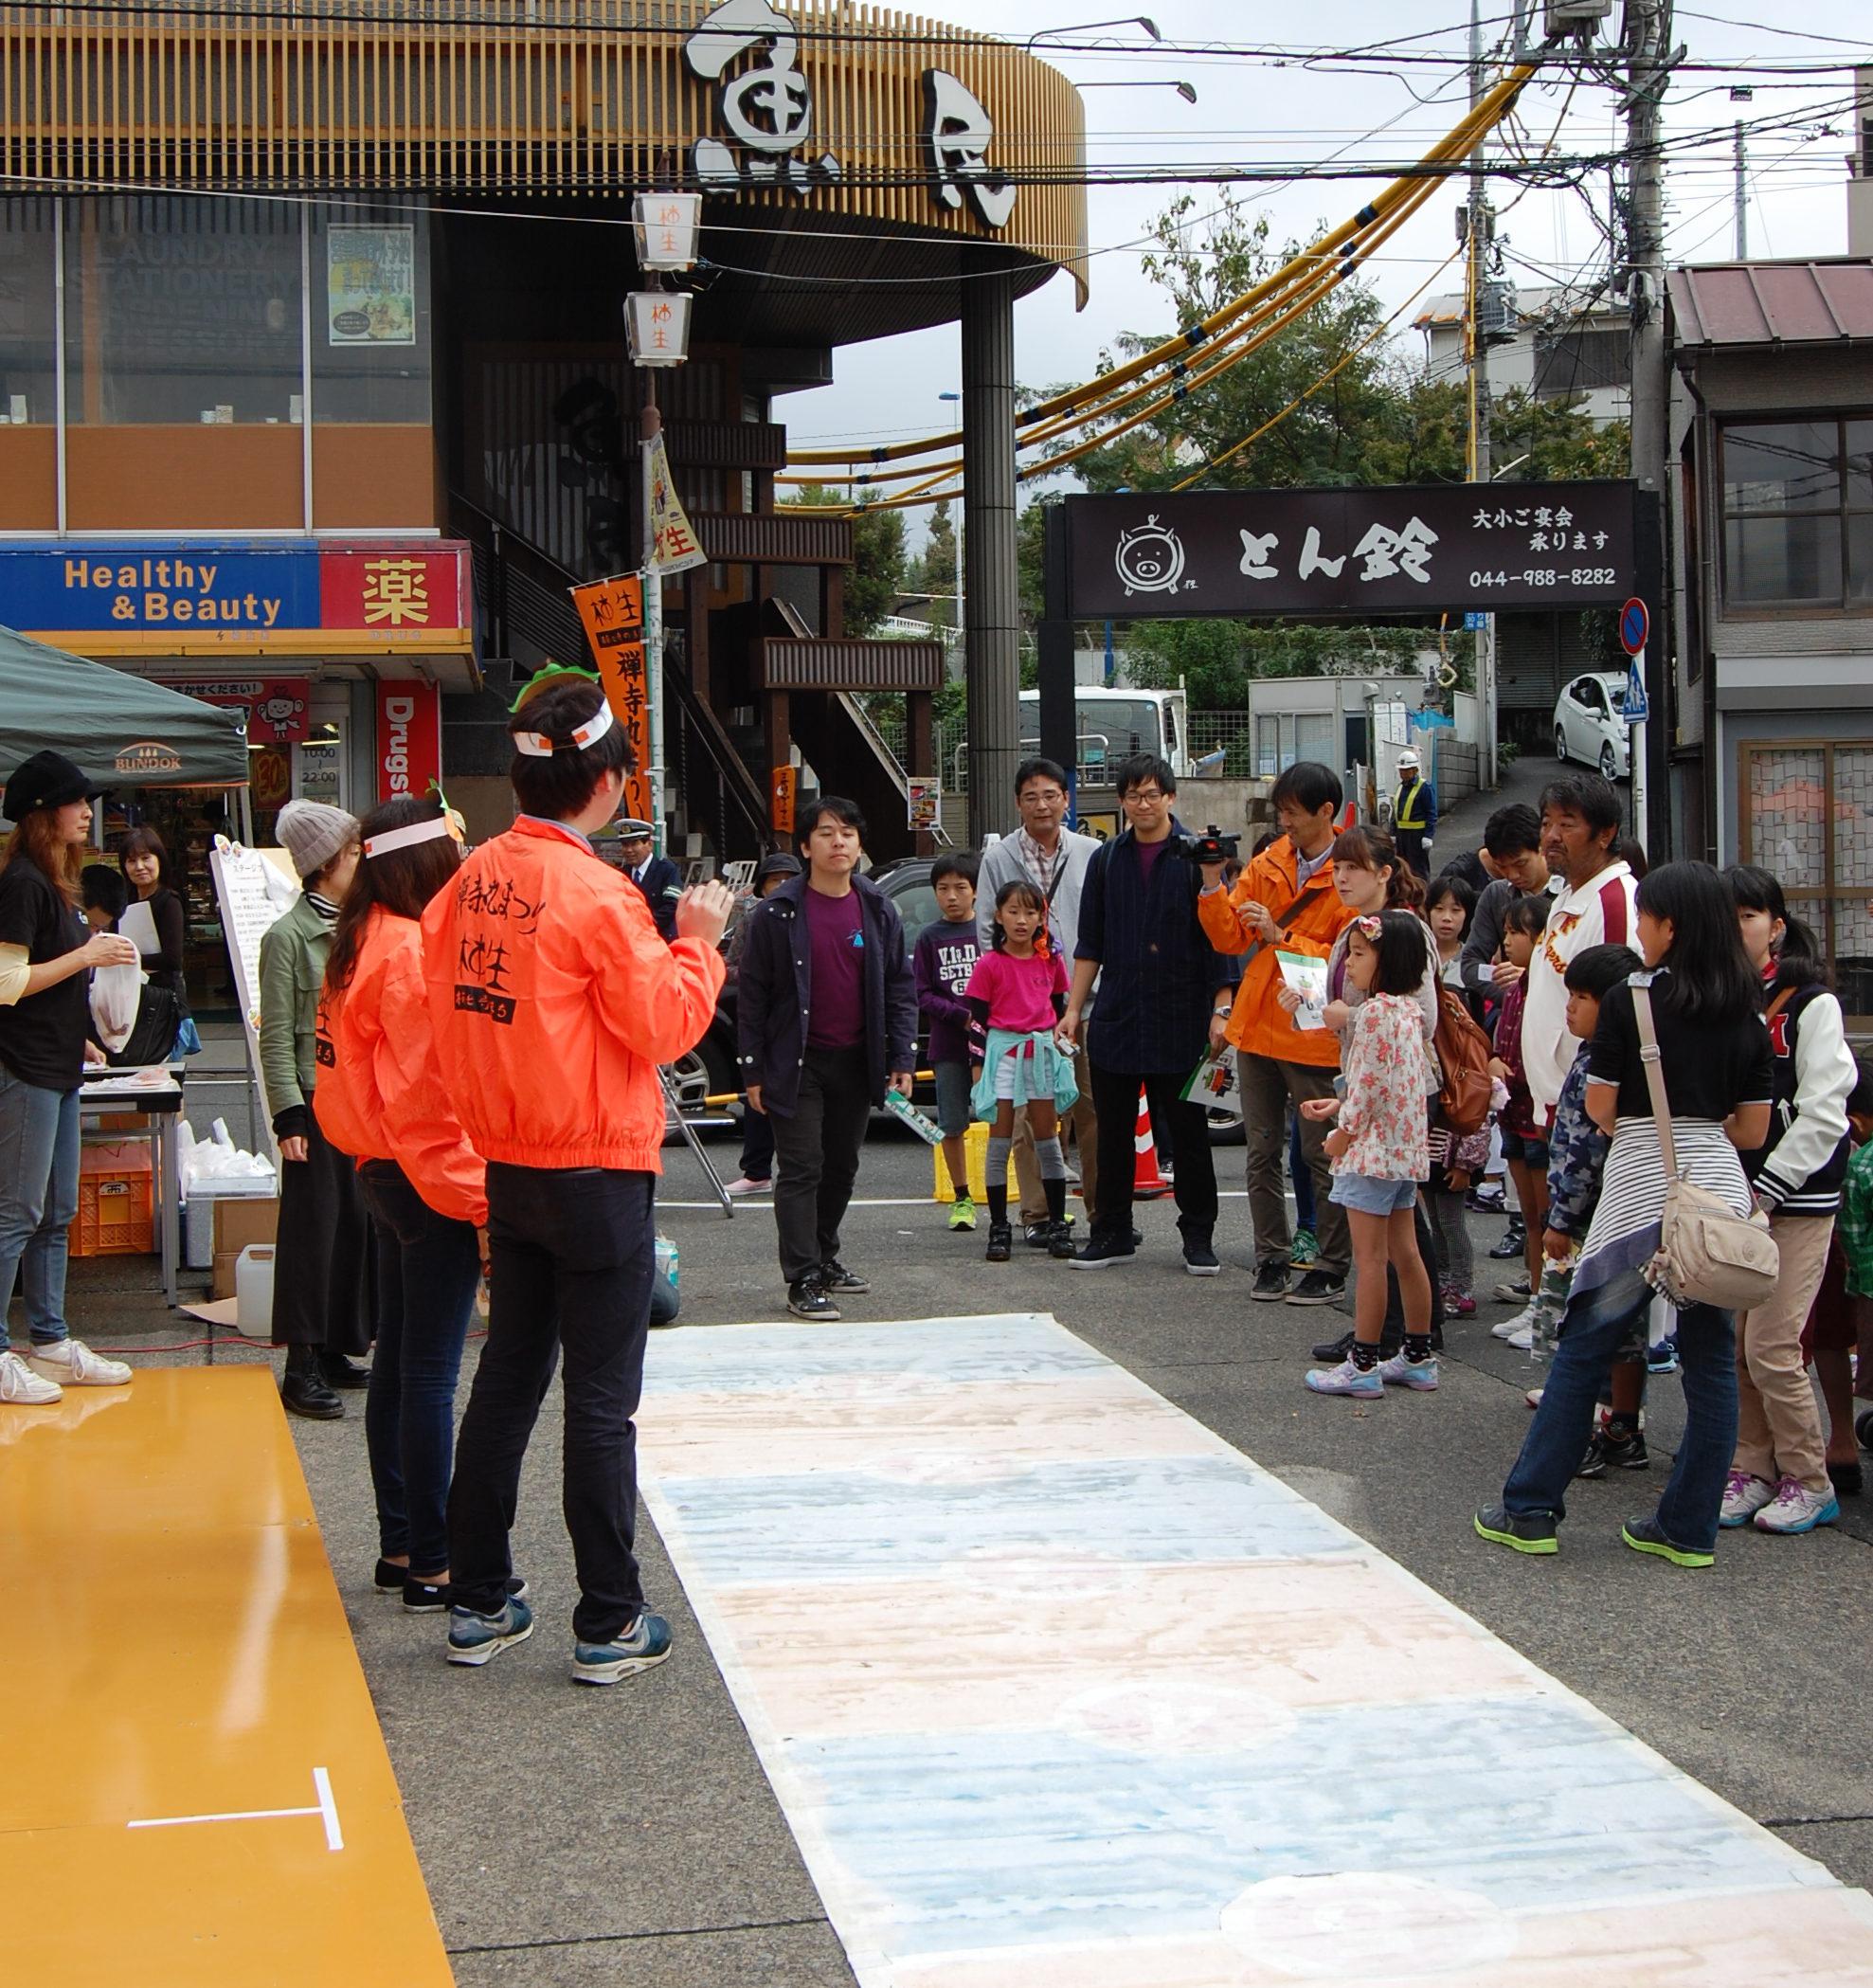 今年は10月13日(土)に開催「禅寺丸柿まつり」@川崎市麻生区 柿生駅前南口広場